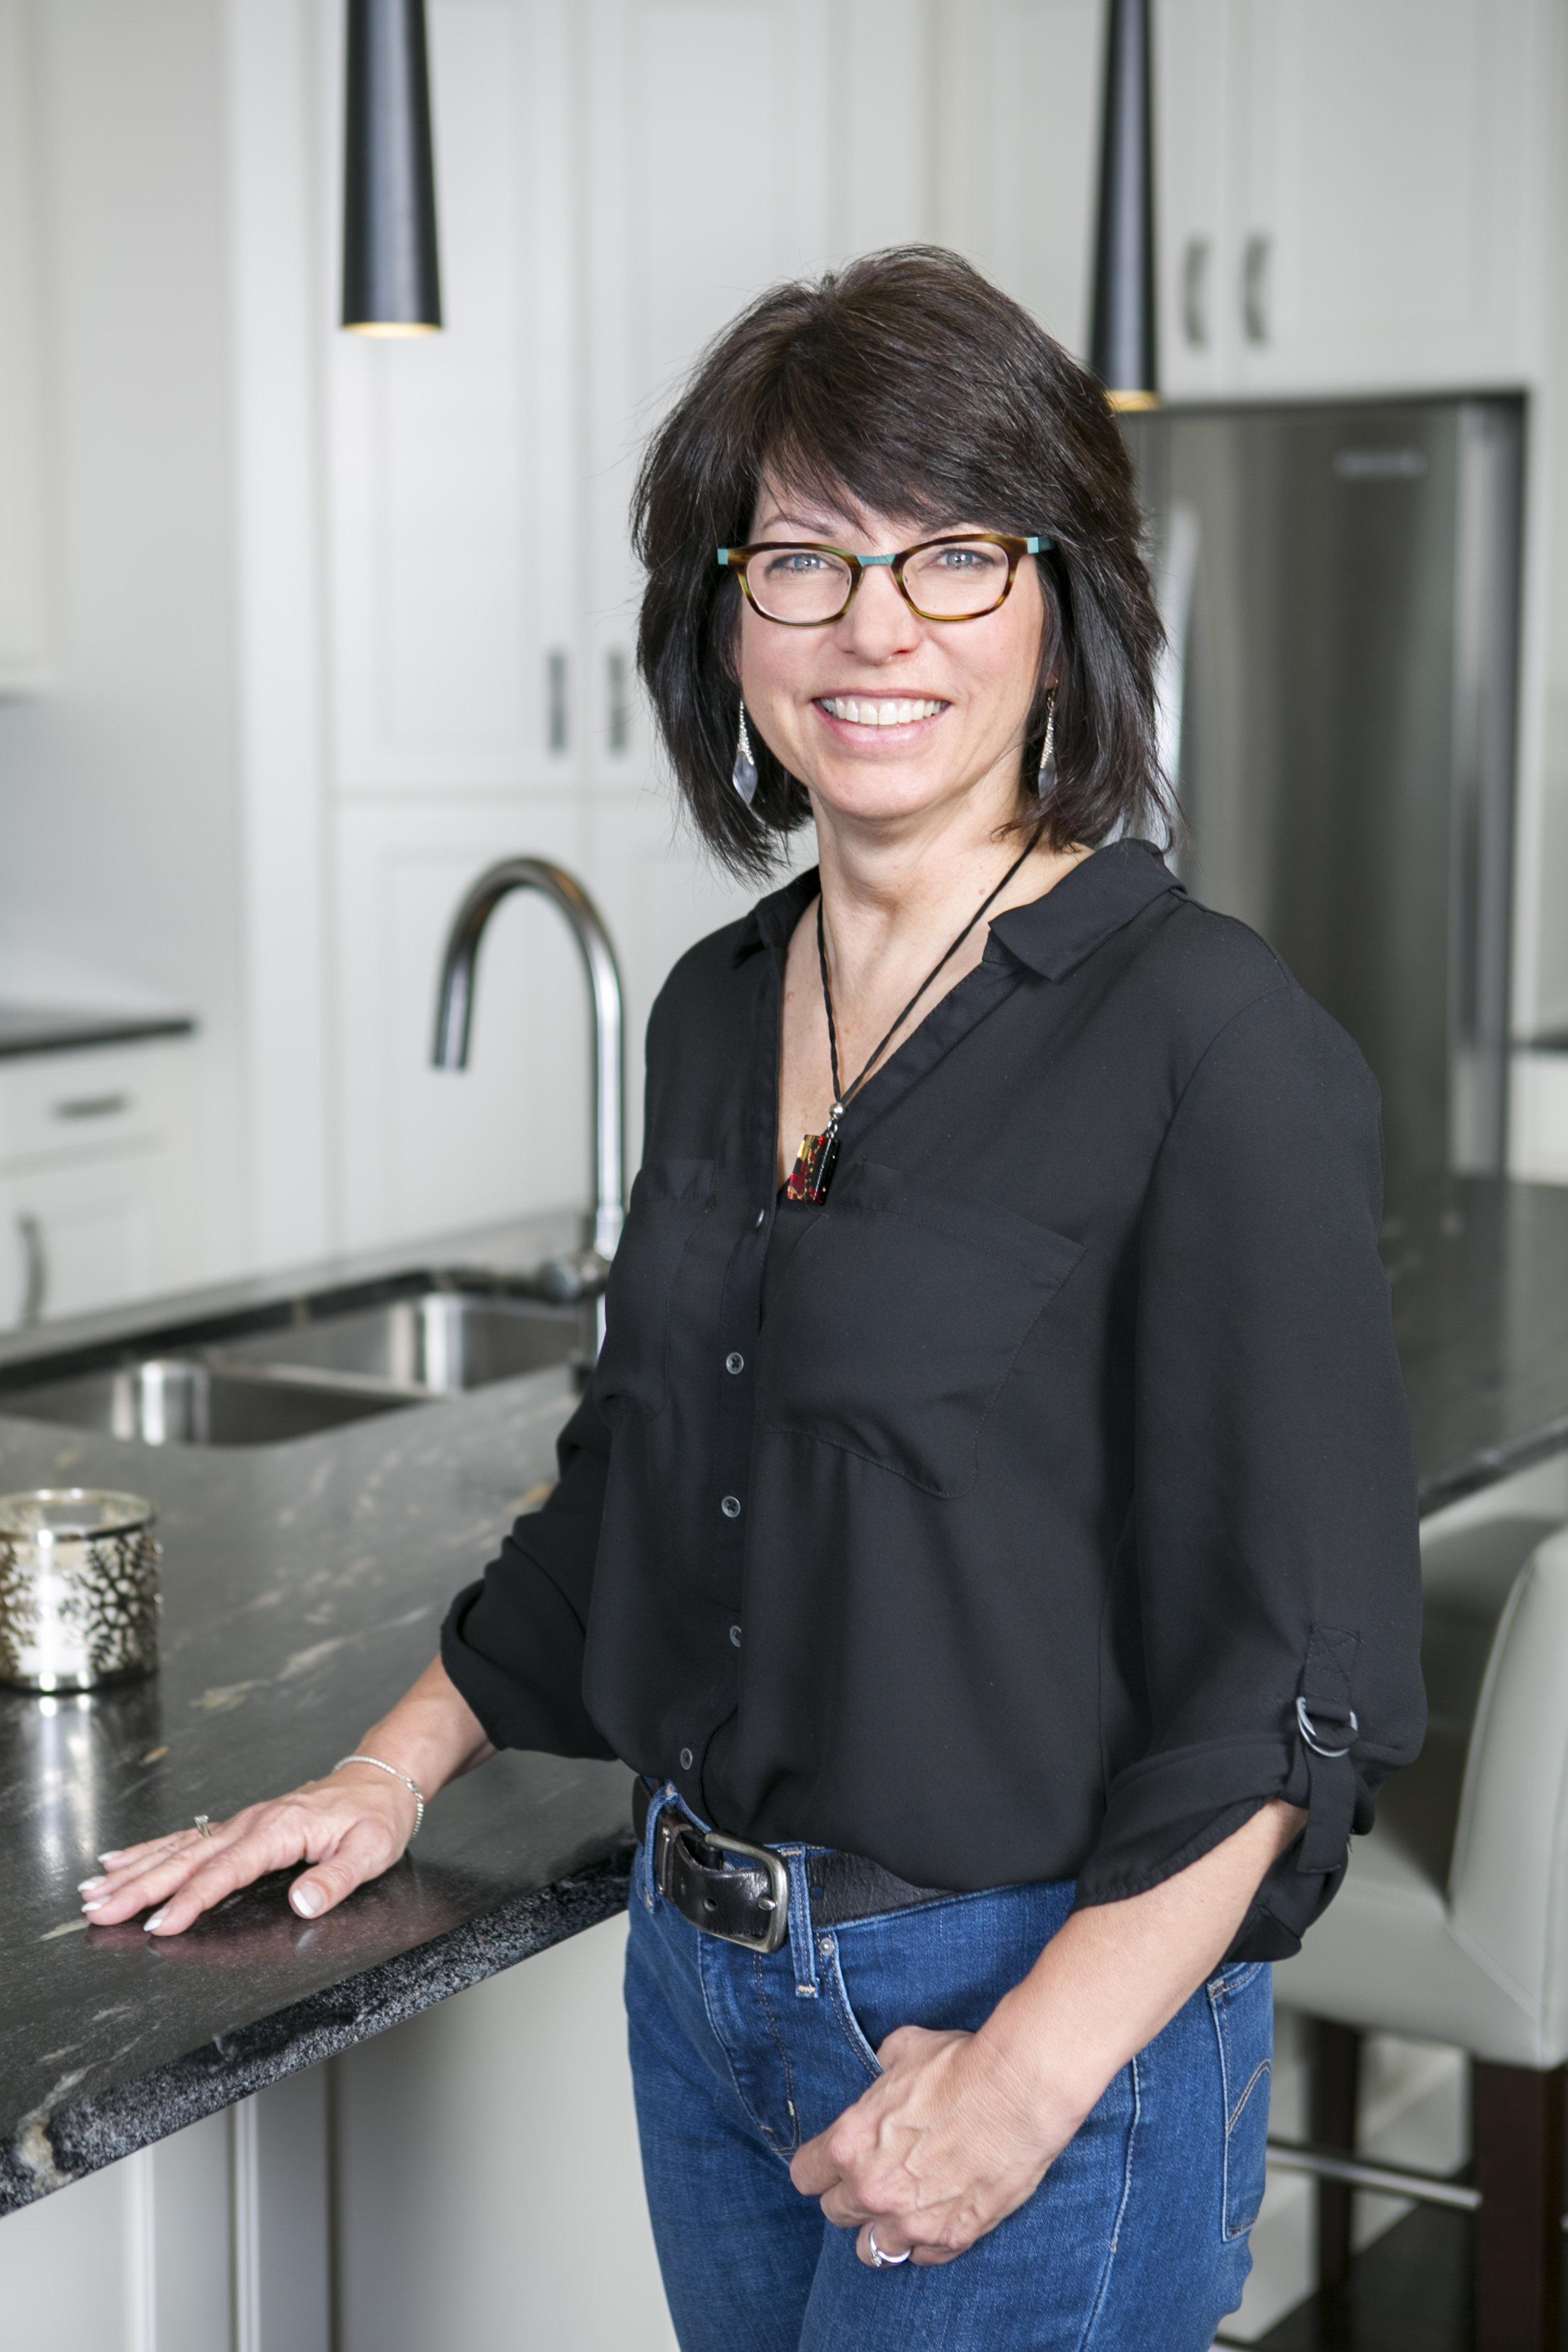 - Wendy 自小生活於單親家庭, 深深被母親影響, 長大後更跟從母親腳步, 從事地產行業, 並擁有豐富的營銷和溝通經驗.